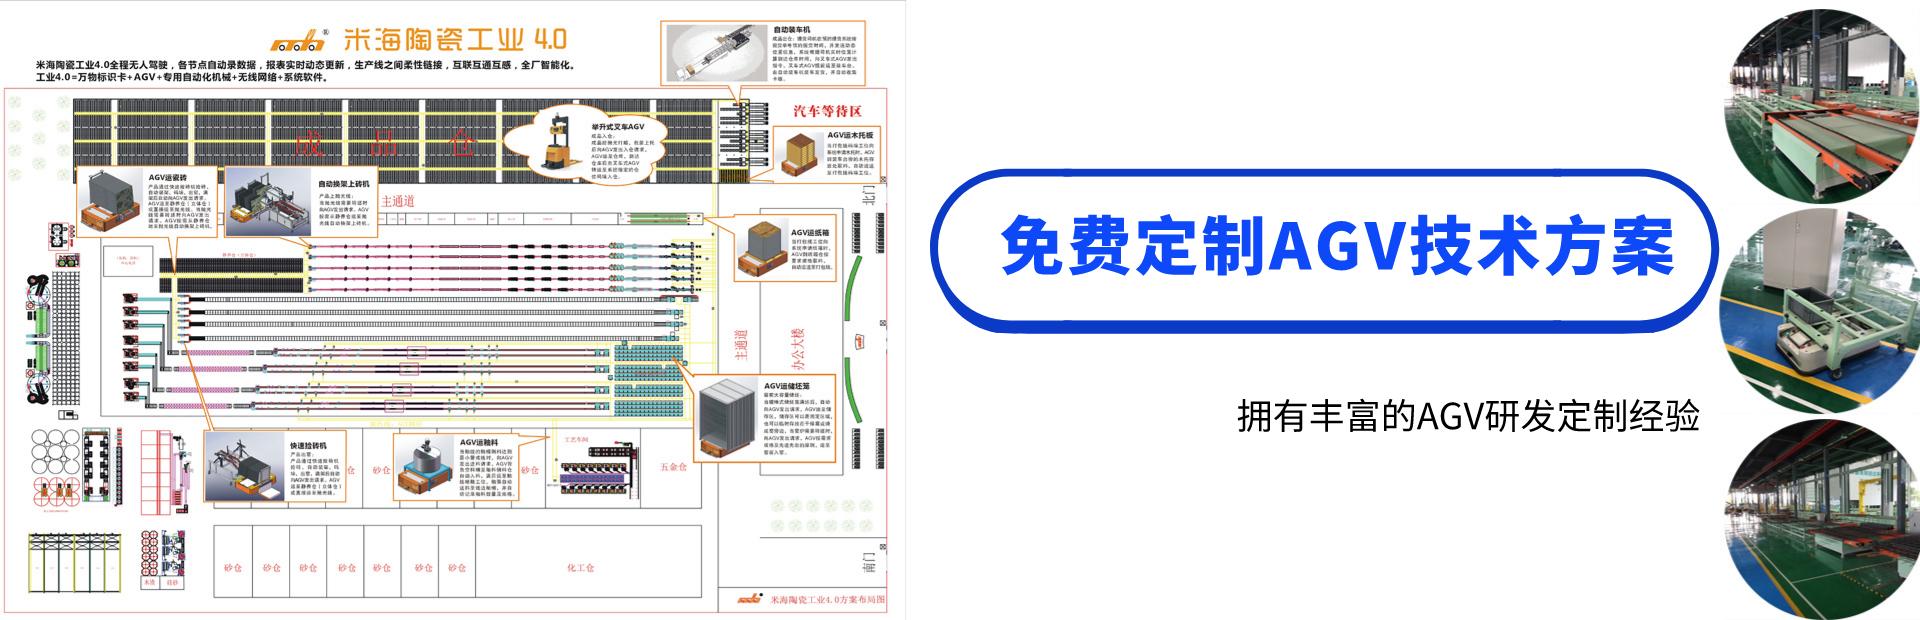 免费定制AGV技术方案